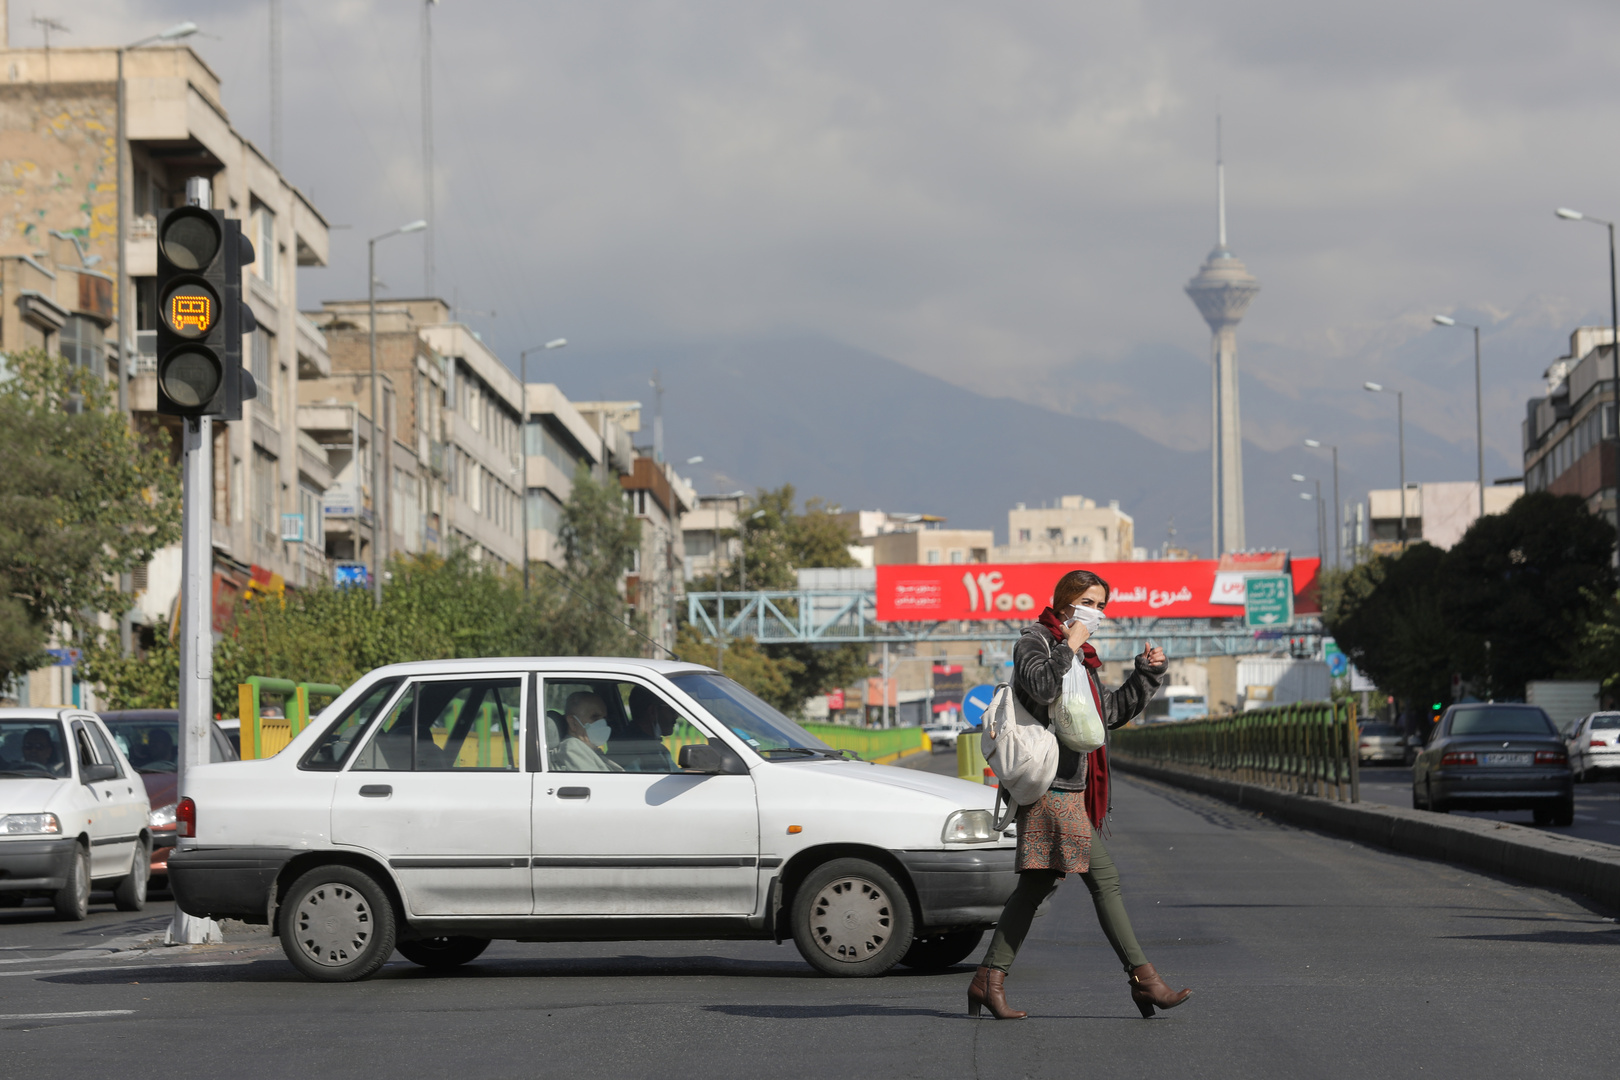 بقفزة قياسية جديدة.. إصابات كورونا اليومية في إيران تتخطى لأول مرة الـ12 ألفا